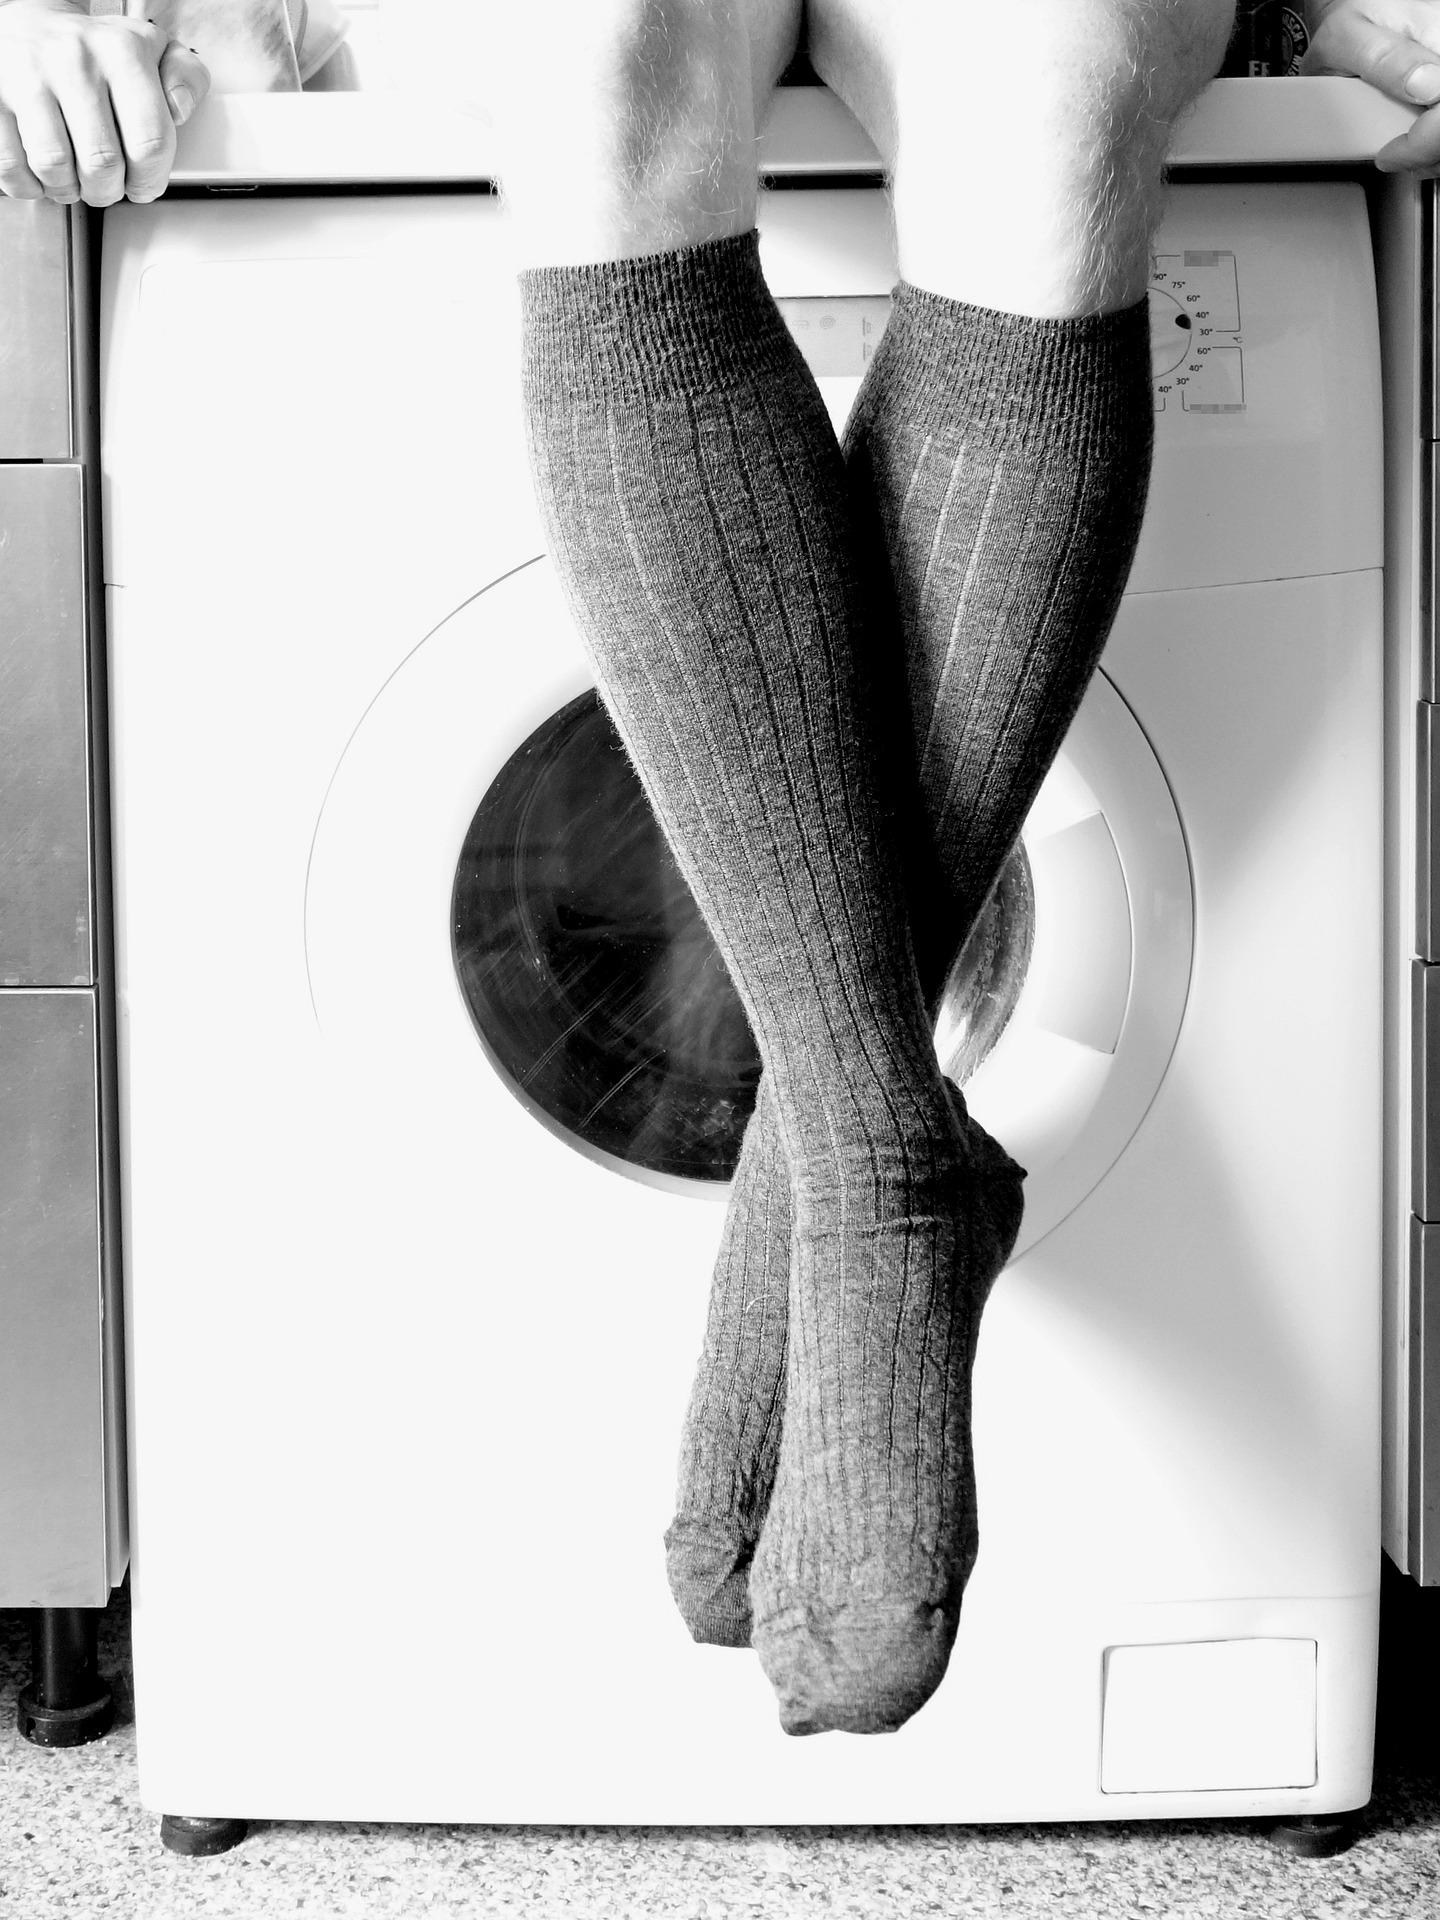 socks-4504272_1920.jpg